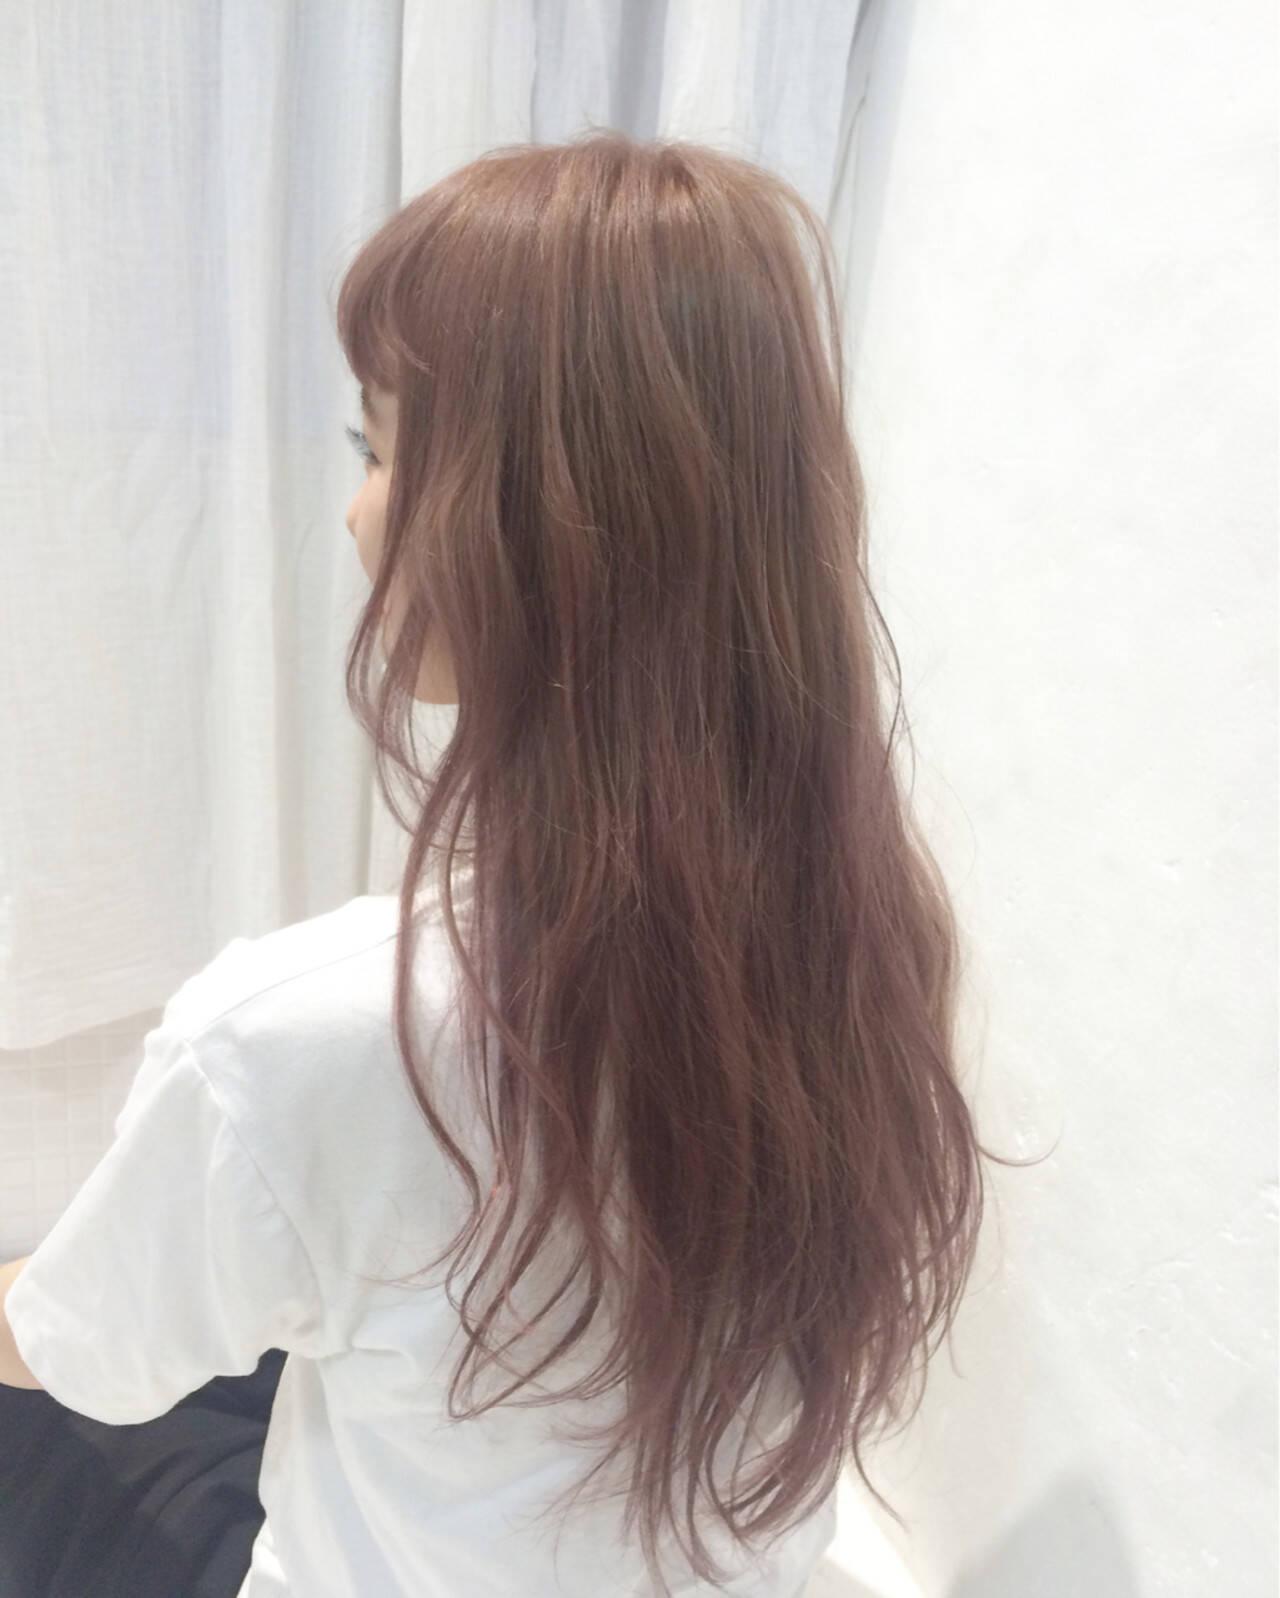 ロング ピンク ダブルカラー 透明感ヘアスタイルや髪型の写真・画像